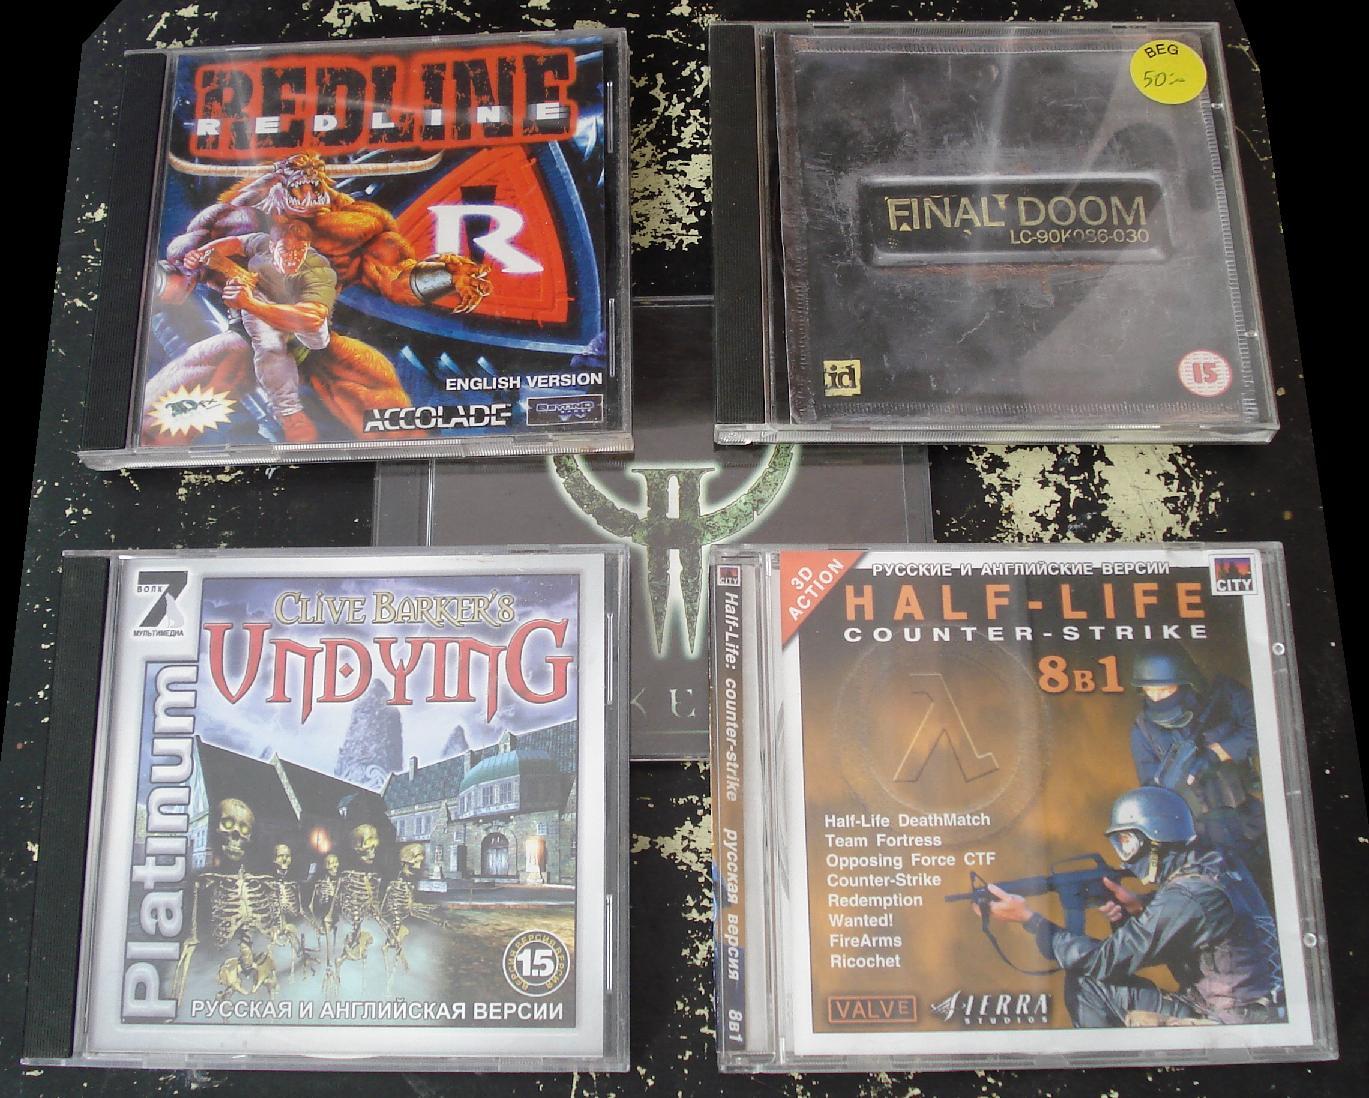 старые игры (CD-ROM) и Undying от 7волк! - - cd, disk, диск, диски, пиратка